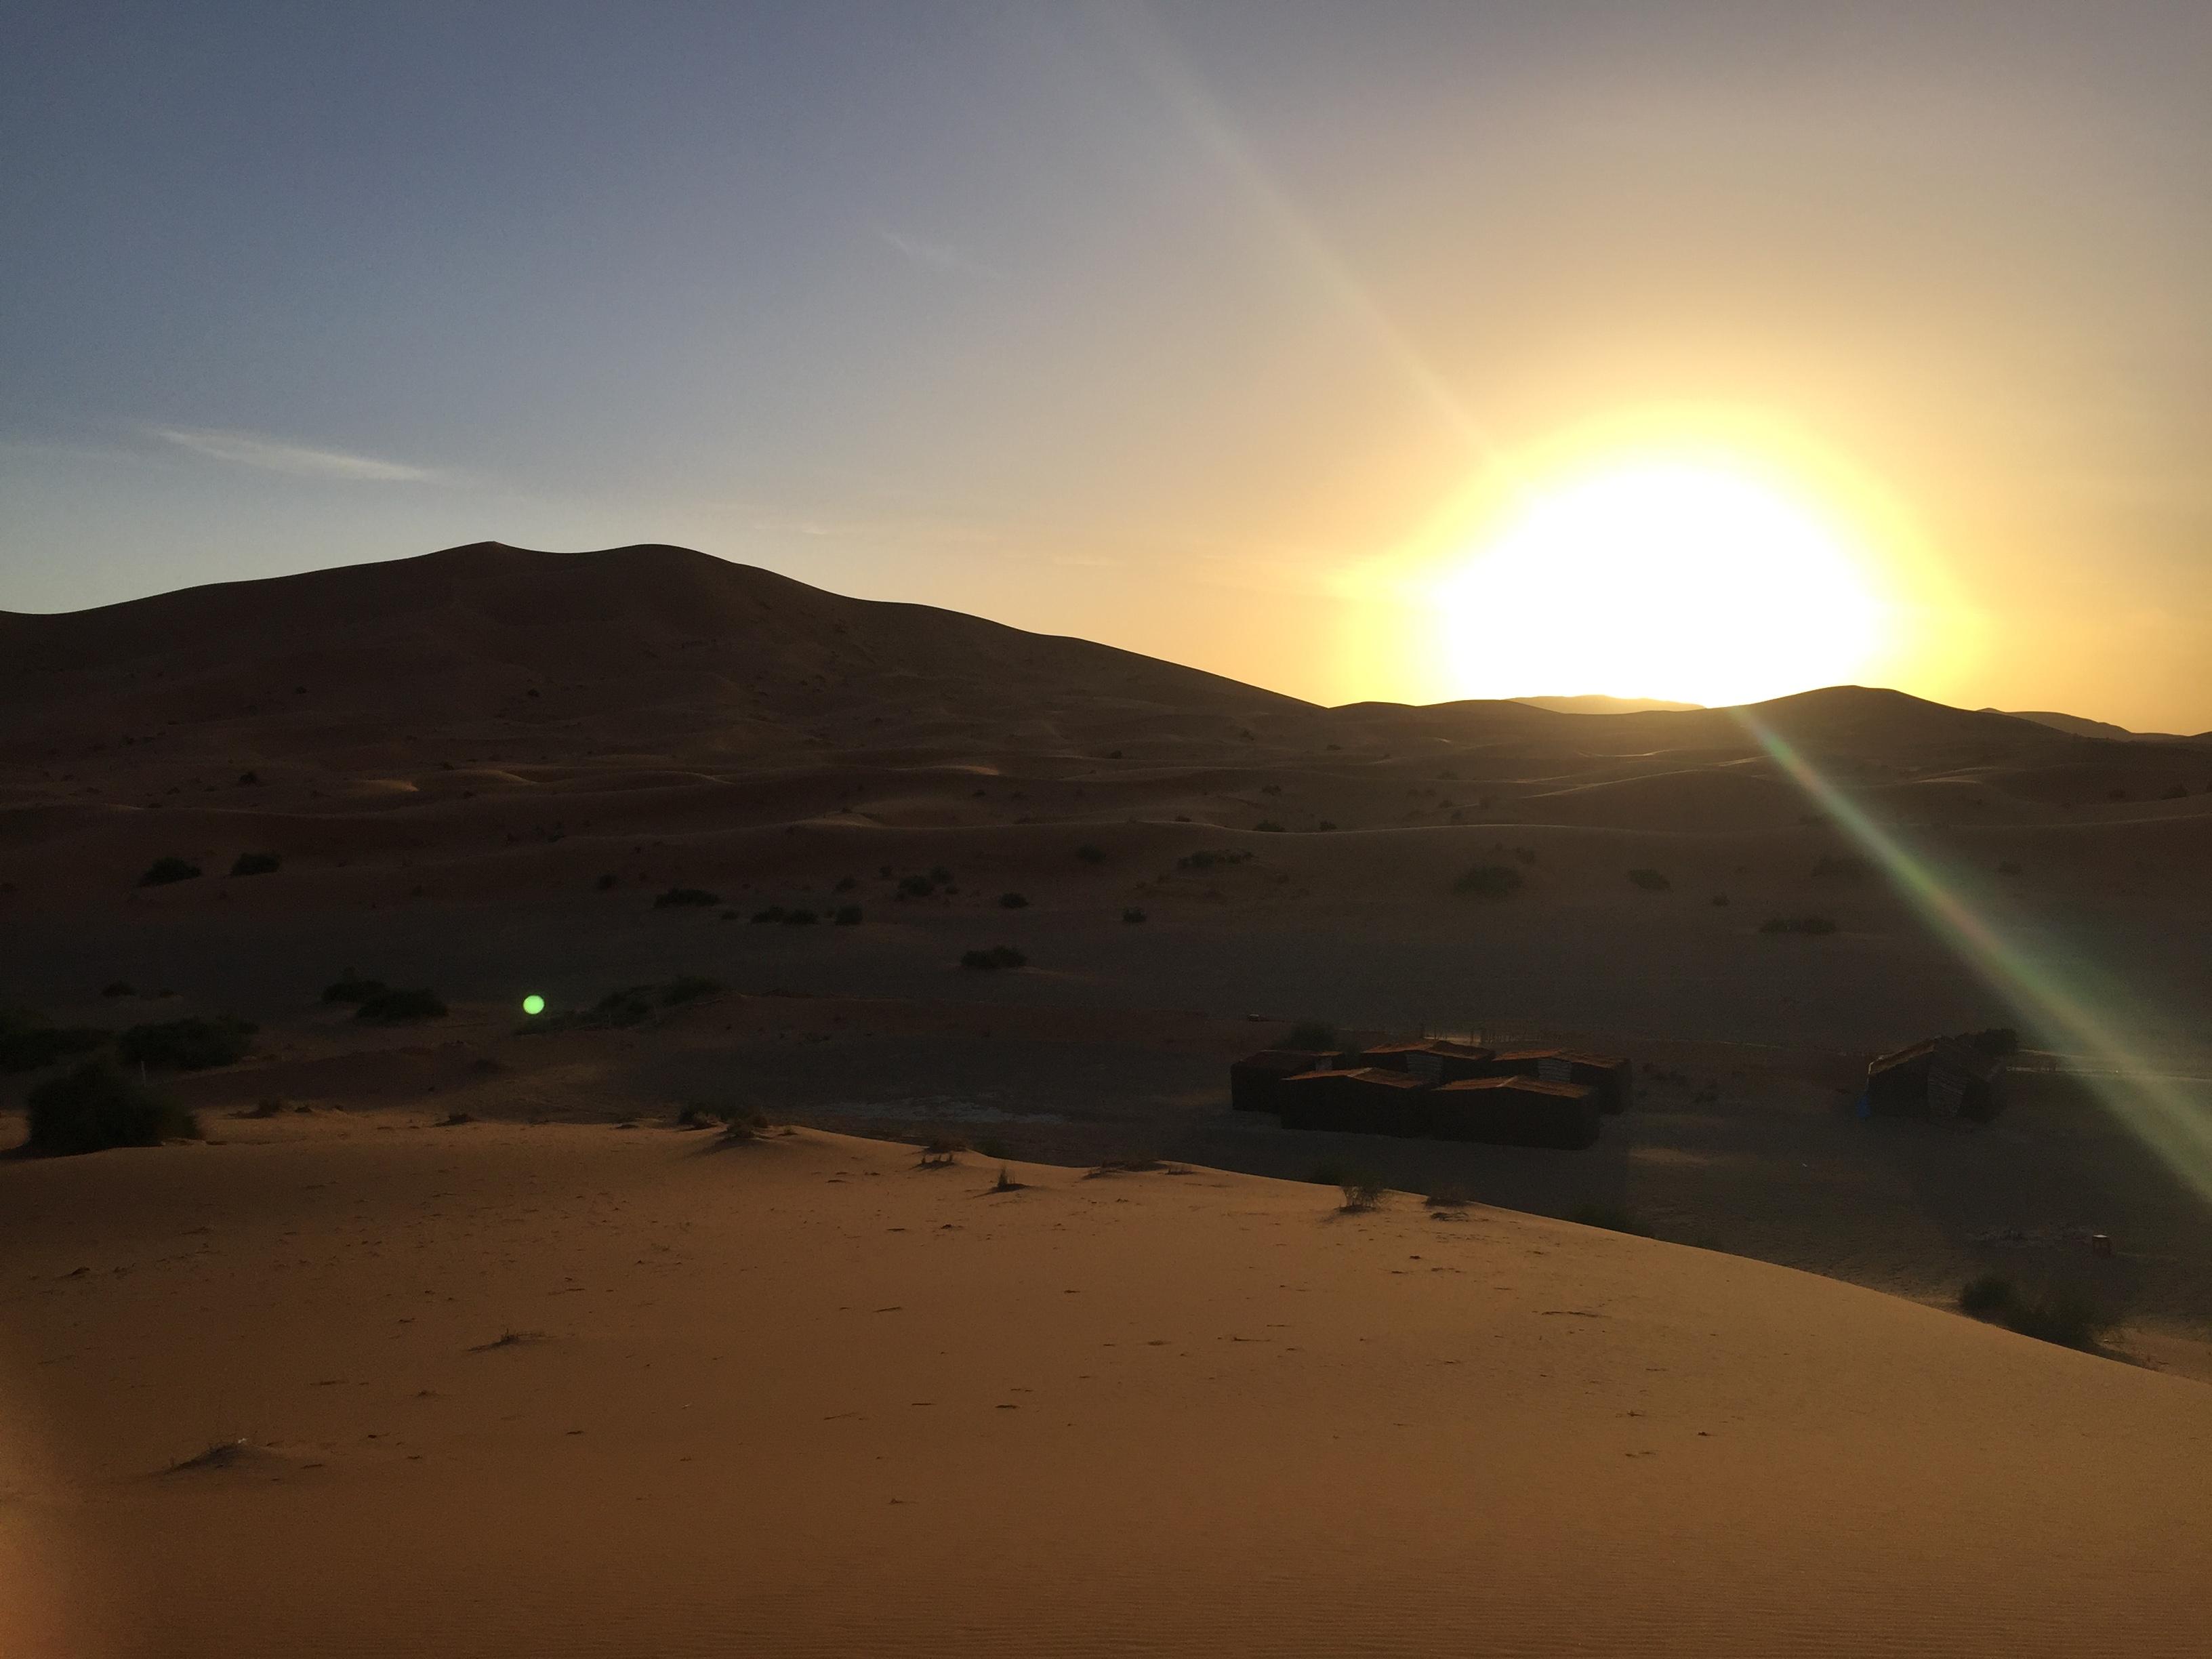 sunrise in sahara desert